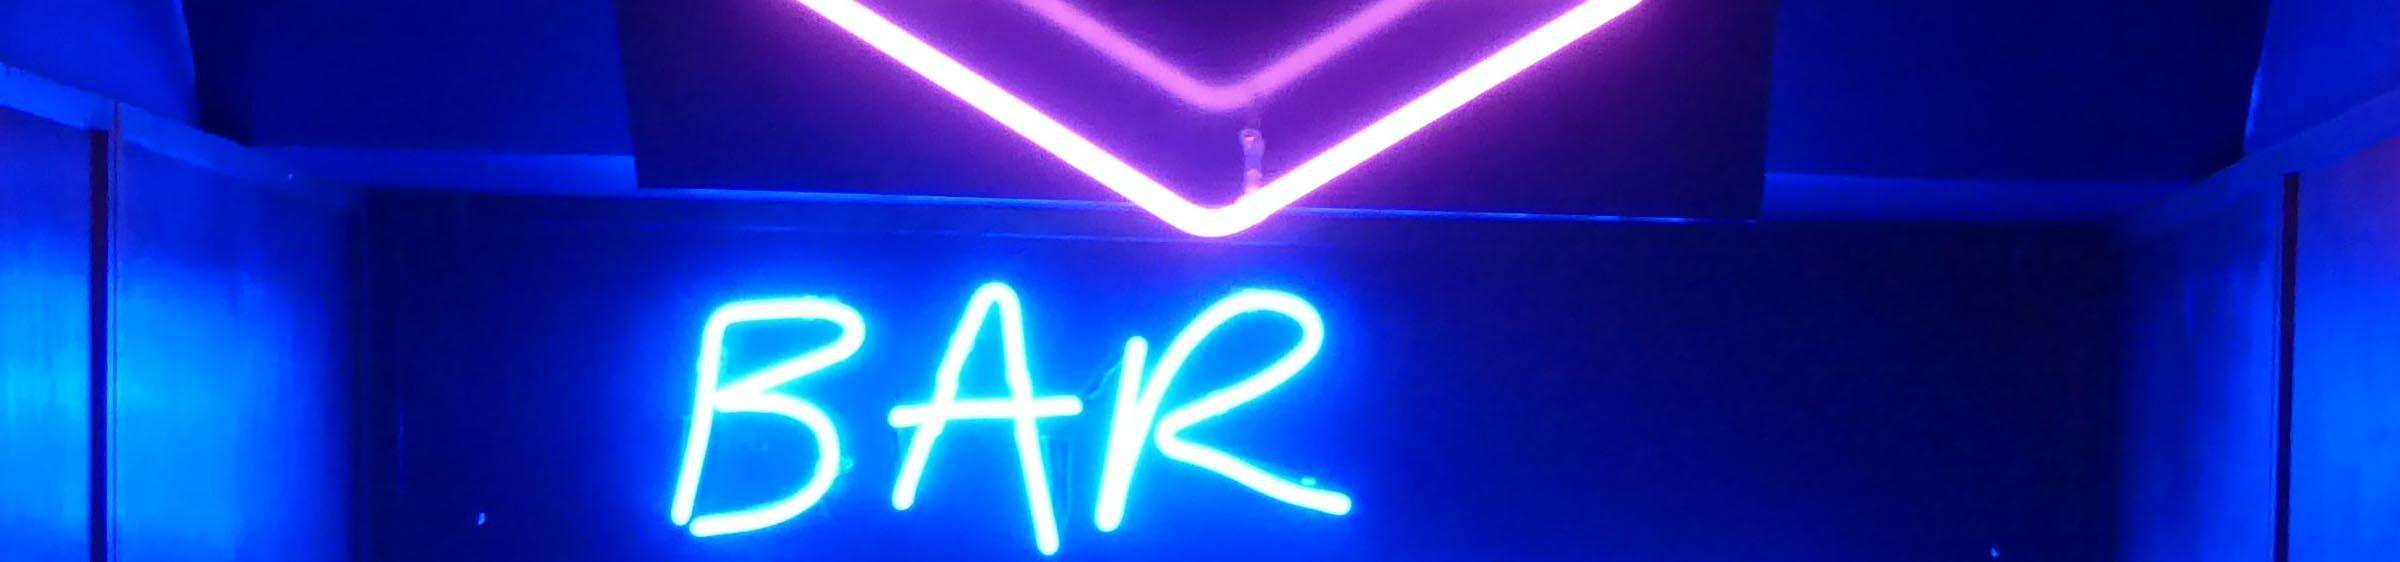 Neon 'Bar' sign